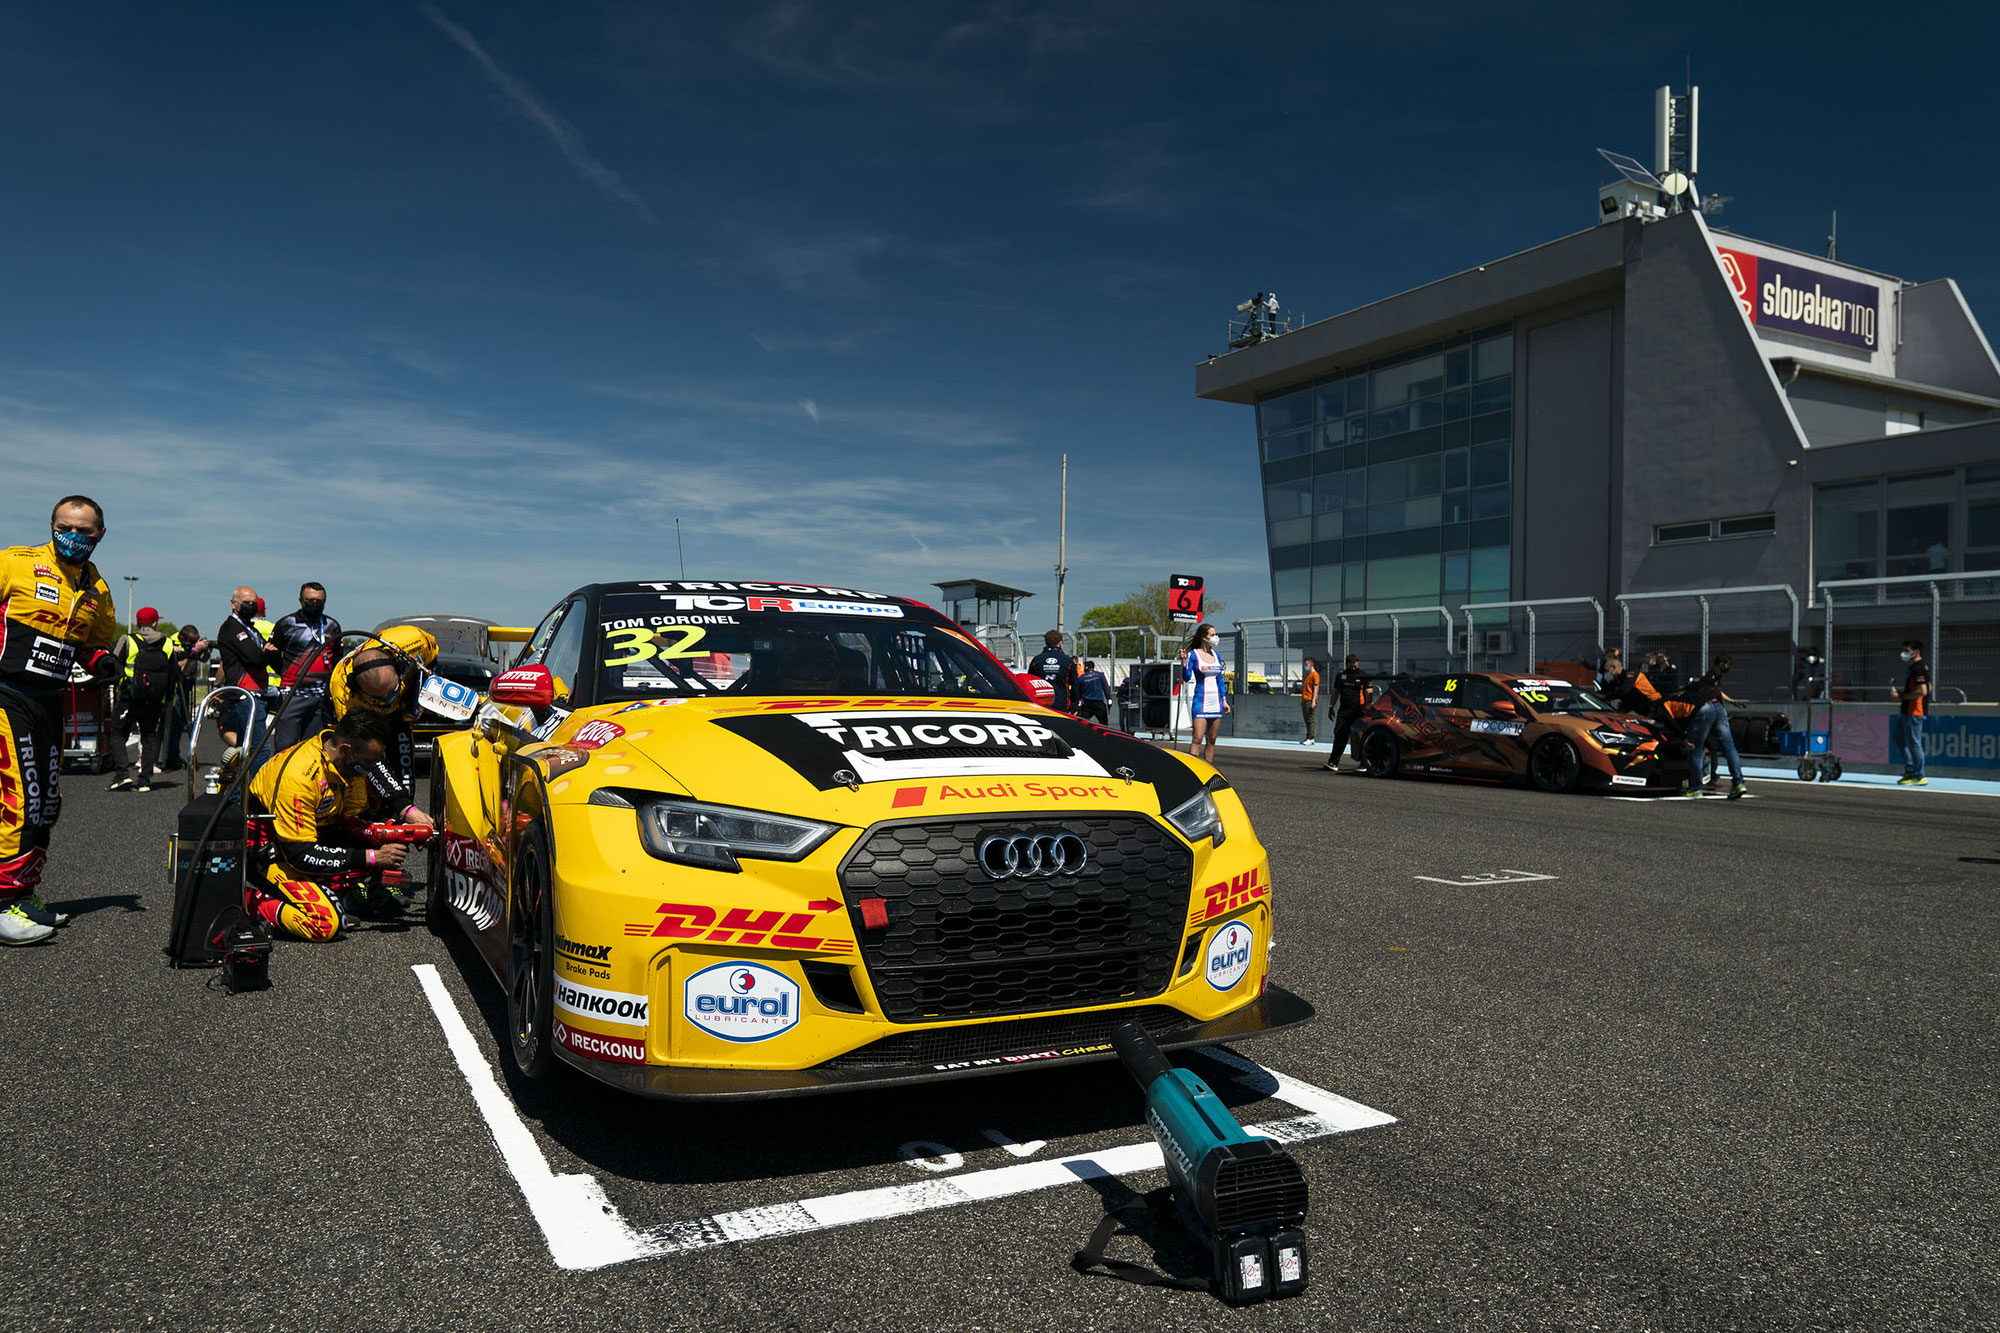 Tom Coronel zeigt starke Pace beim Saisonauftakt der TCR Europe Series